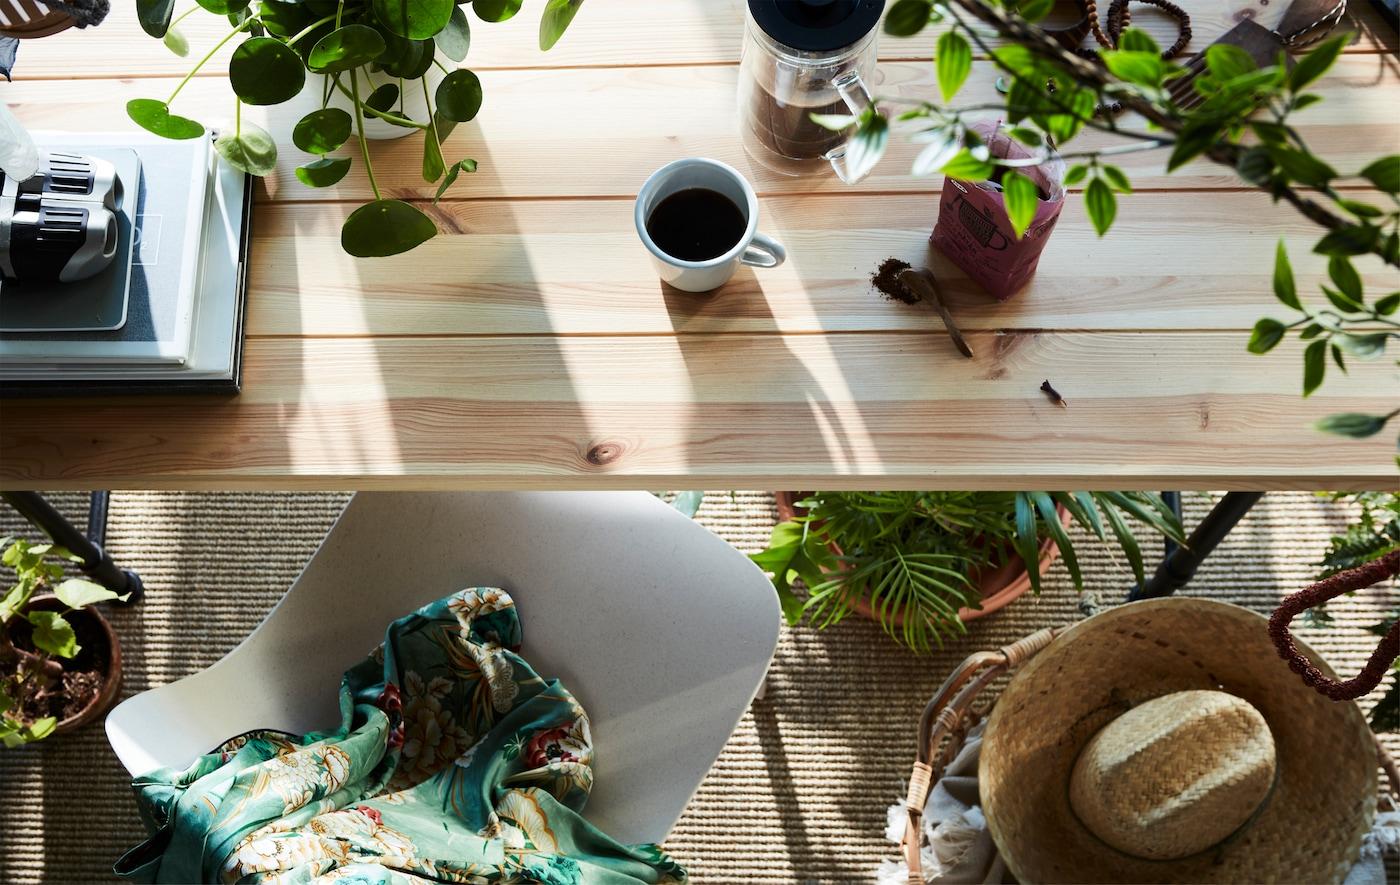 Et frokostbord med grønne planter, både ekte og kunstige, slik som FEJKA kunstig potteplante.